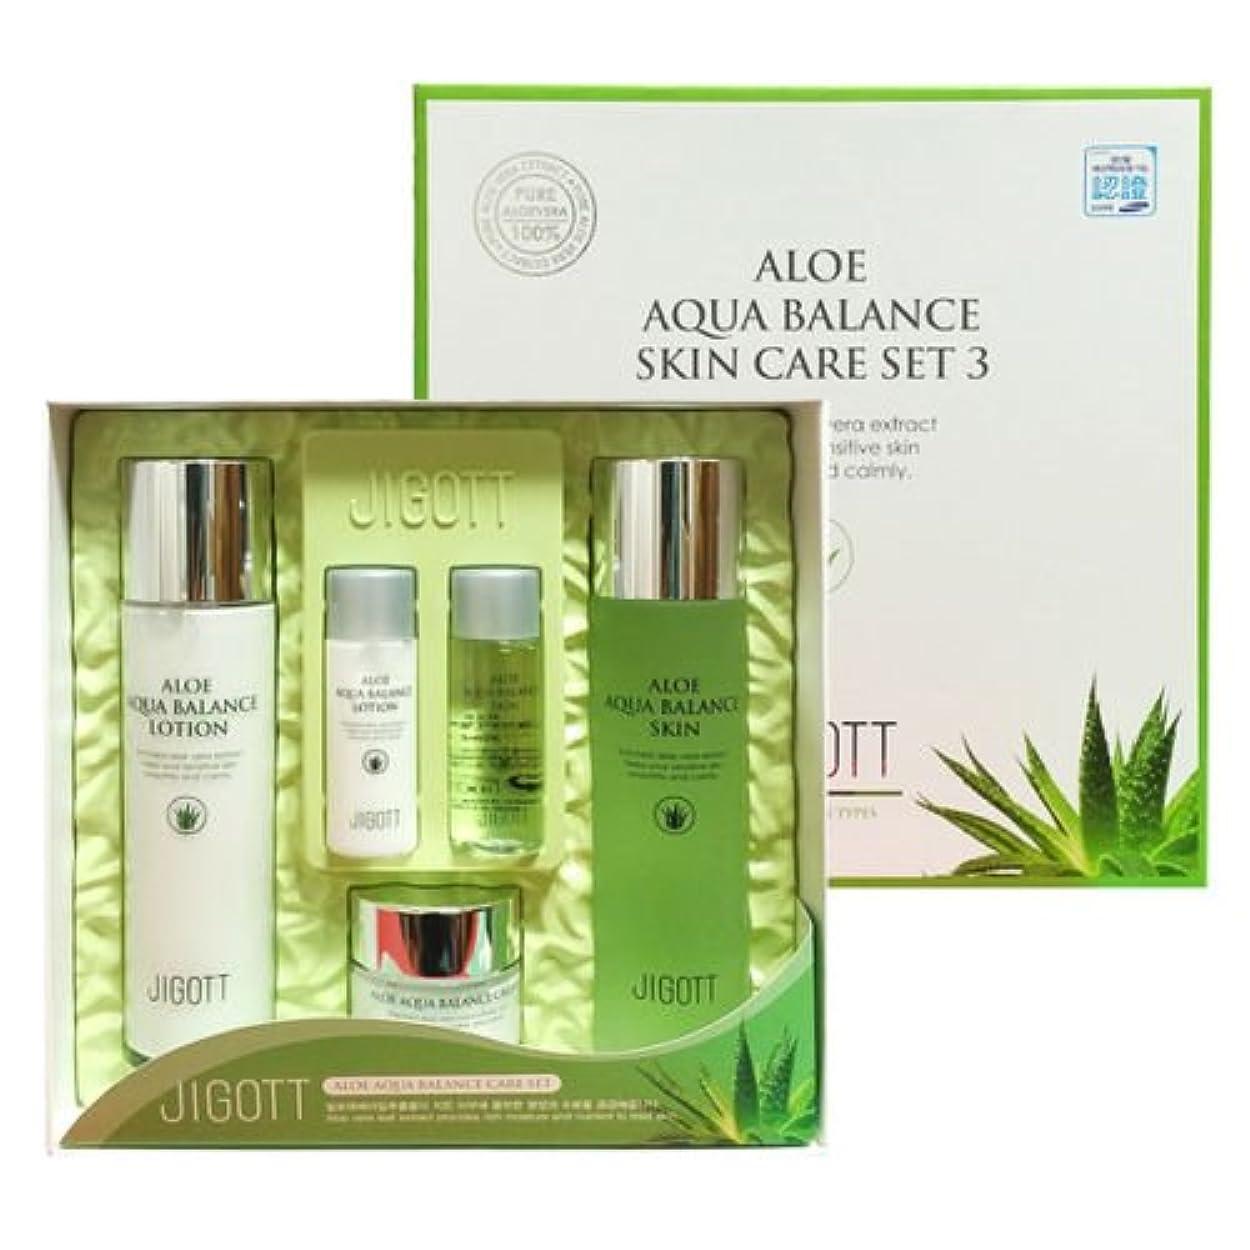 コンテスト根拠感覚ジゴトゥ[韓国コスメJigott]Aloe Aqua Balance Skin Care 3 Set アロエアクアバランススキンケア3セット樹液,乳液,クリーム [並行輸入品]